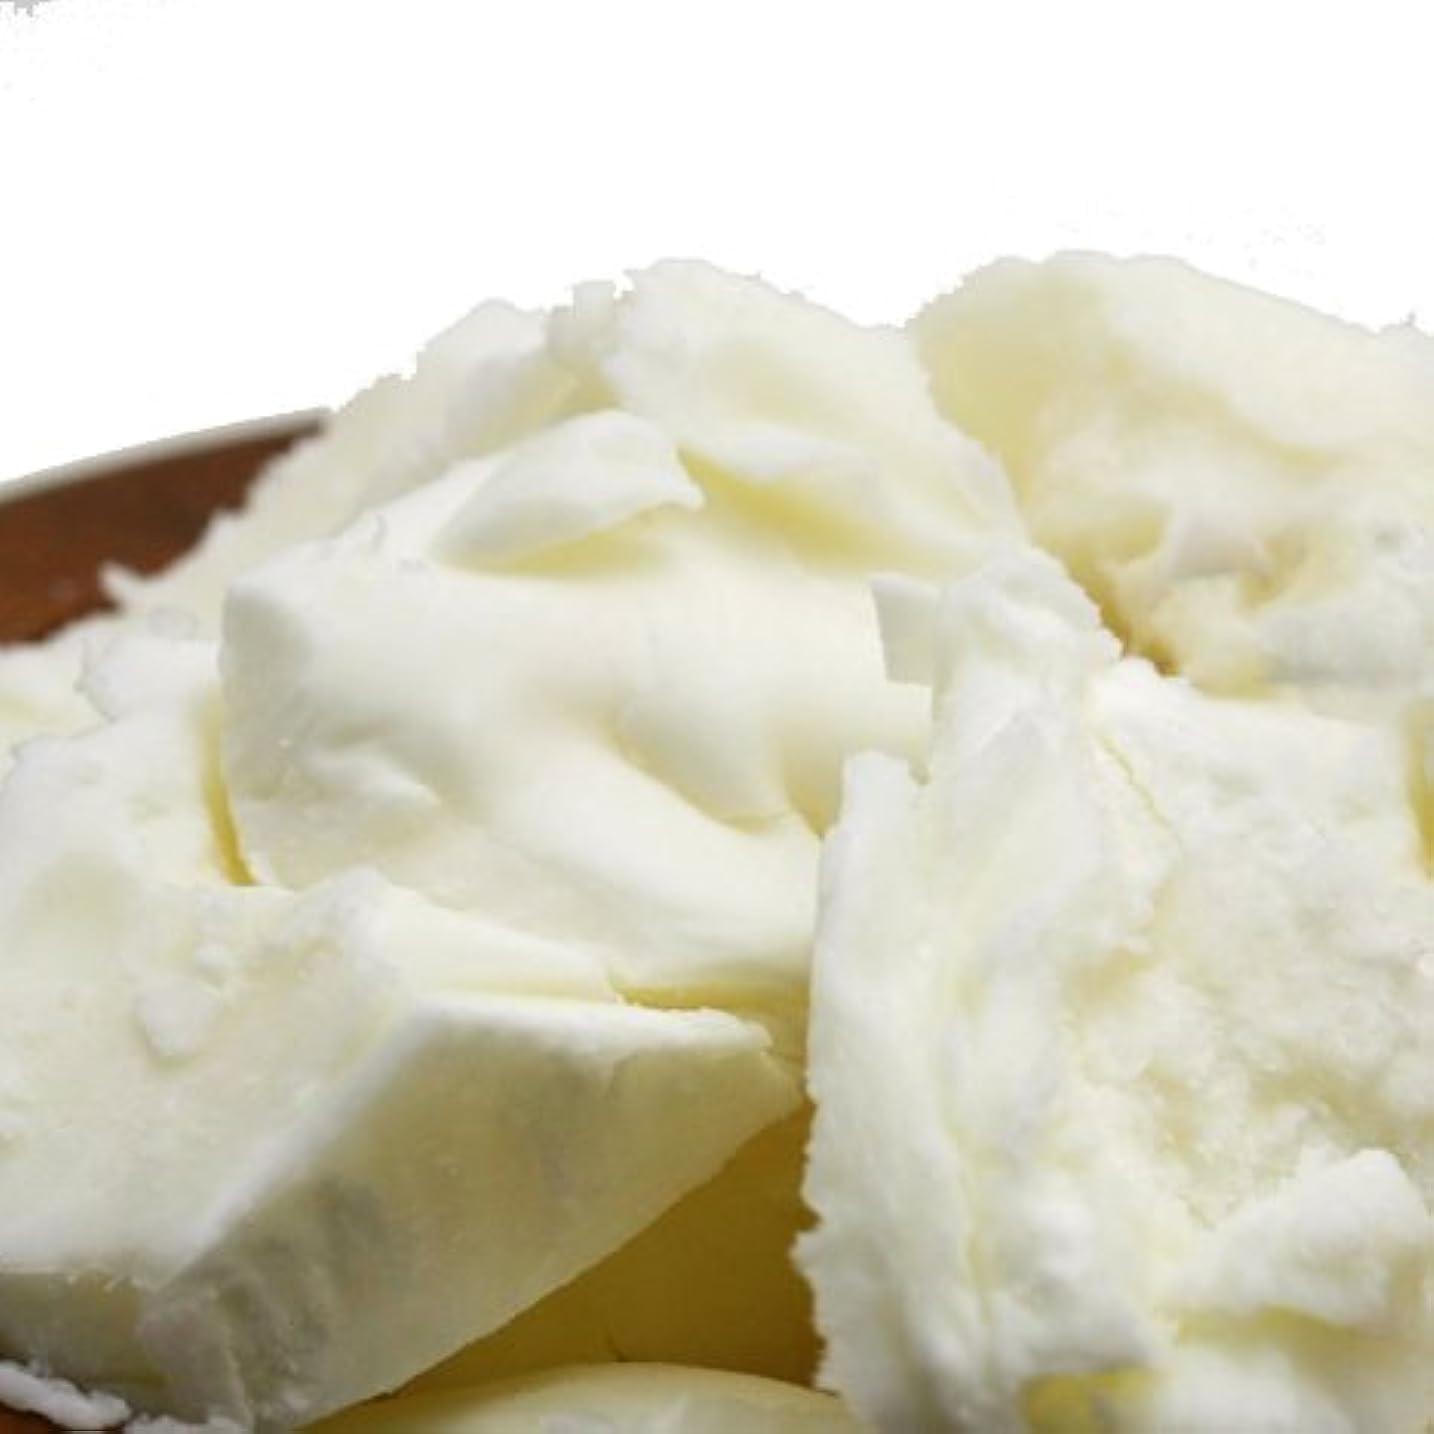 主導権凍るボイド精製シアバター 100g シア脂 【手作り石鹸/手作りコスメ/手作り化粧品】